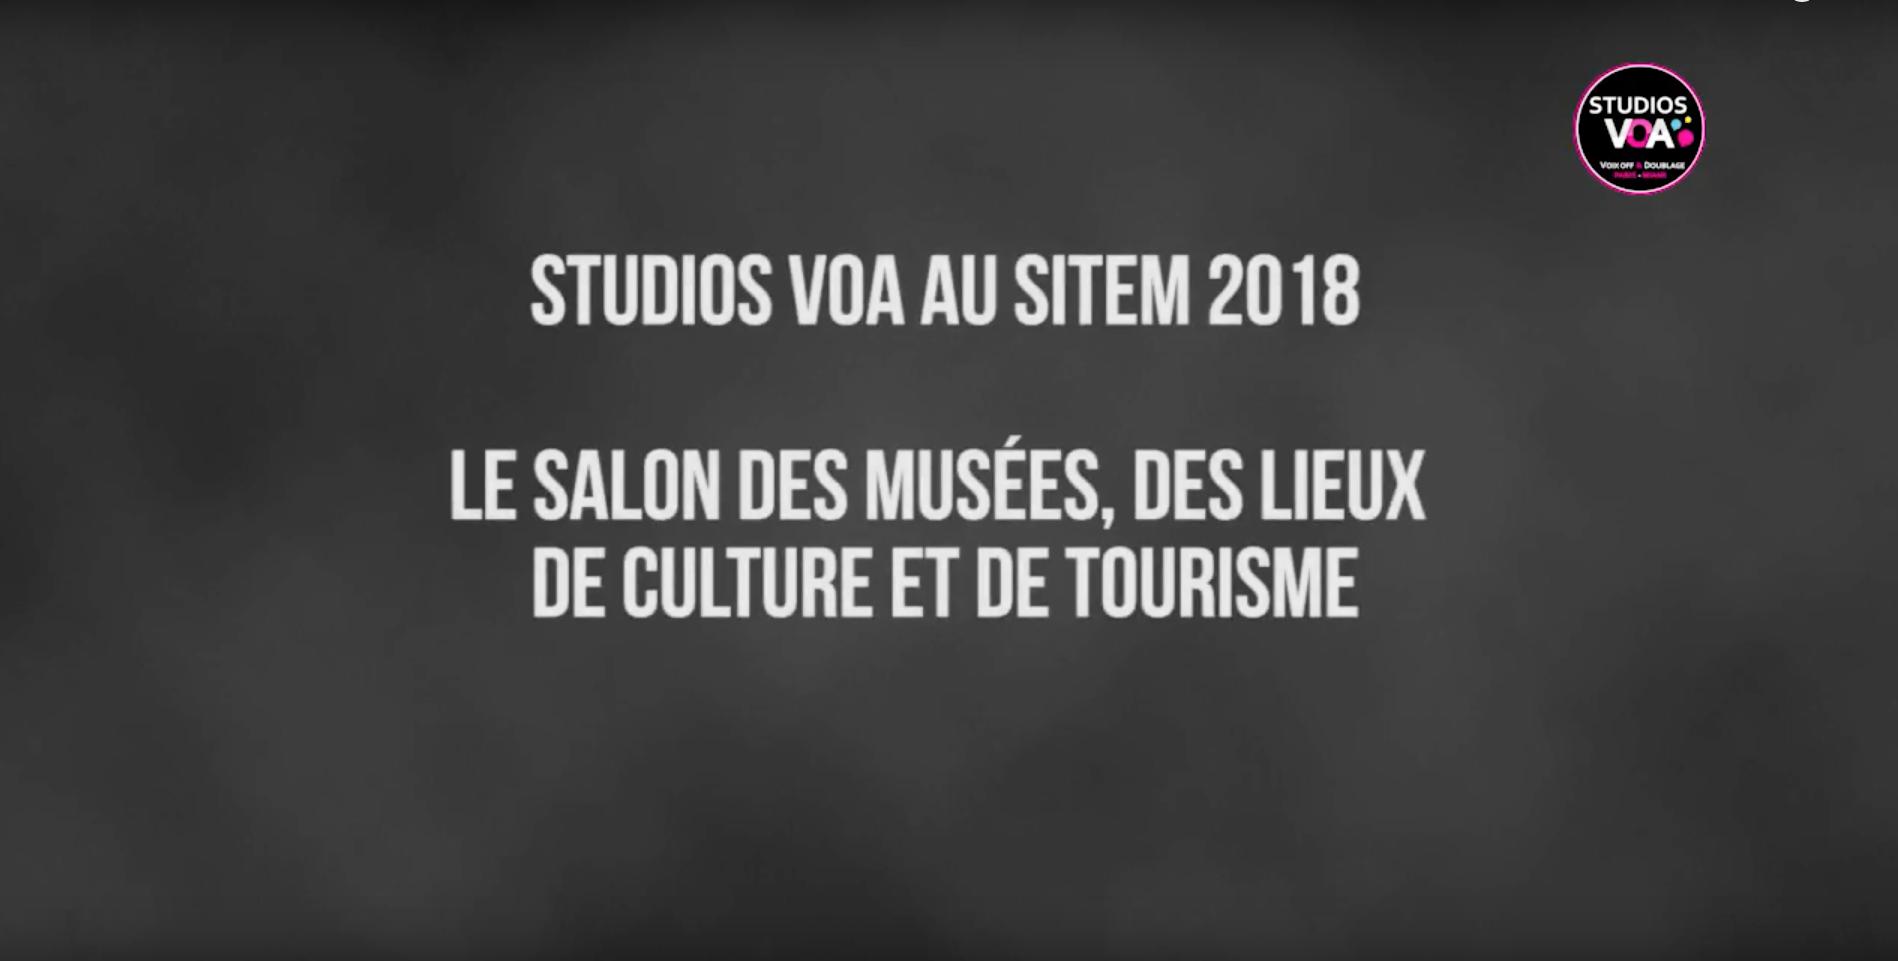 STUDIOS VOA AU SITEM 2018 - copie